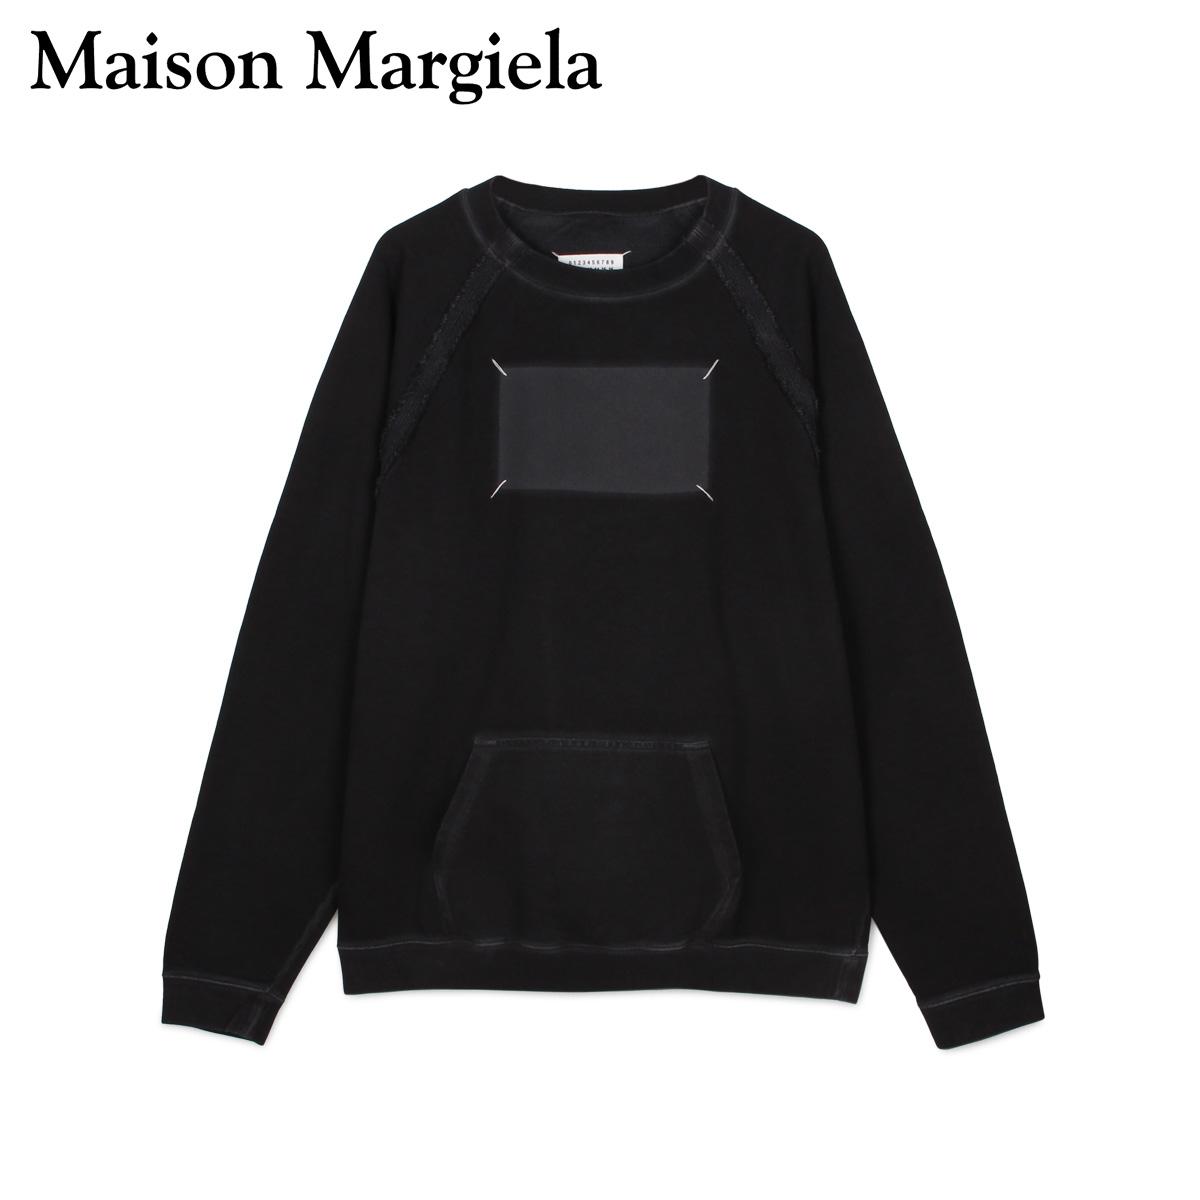 MAISON MARGIELA メゾンマルジェラ トレーナー スウェット プルオーバー クルーネック メンズ SWEAT ブラック 黒 S50GU0138-900